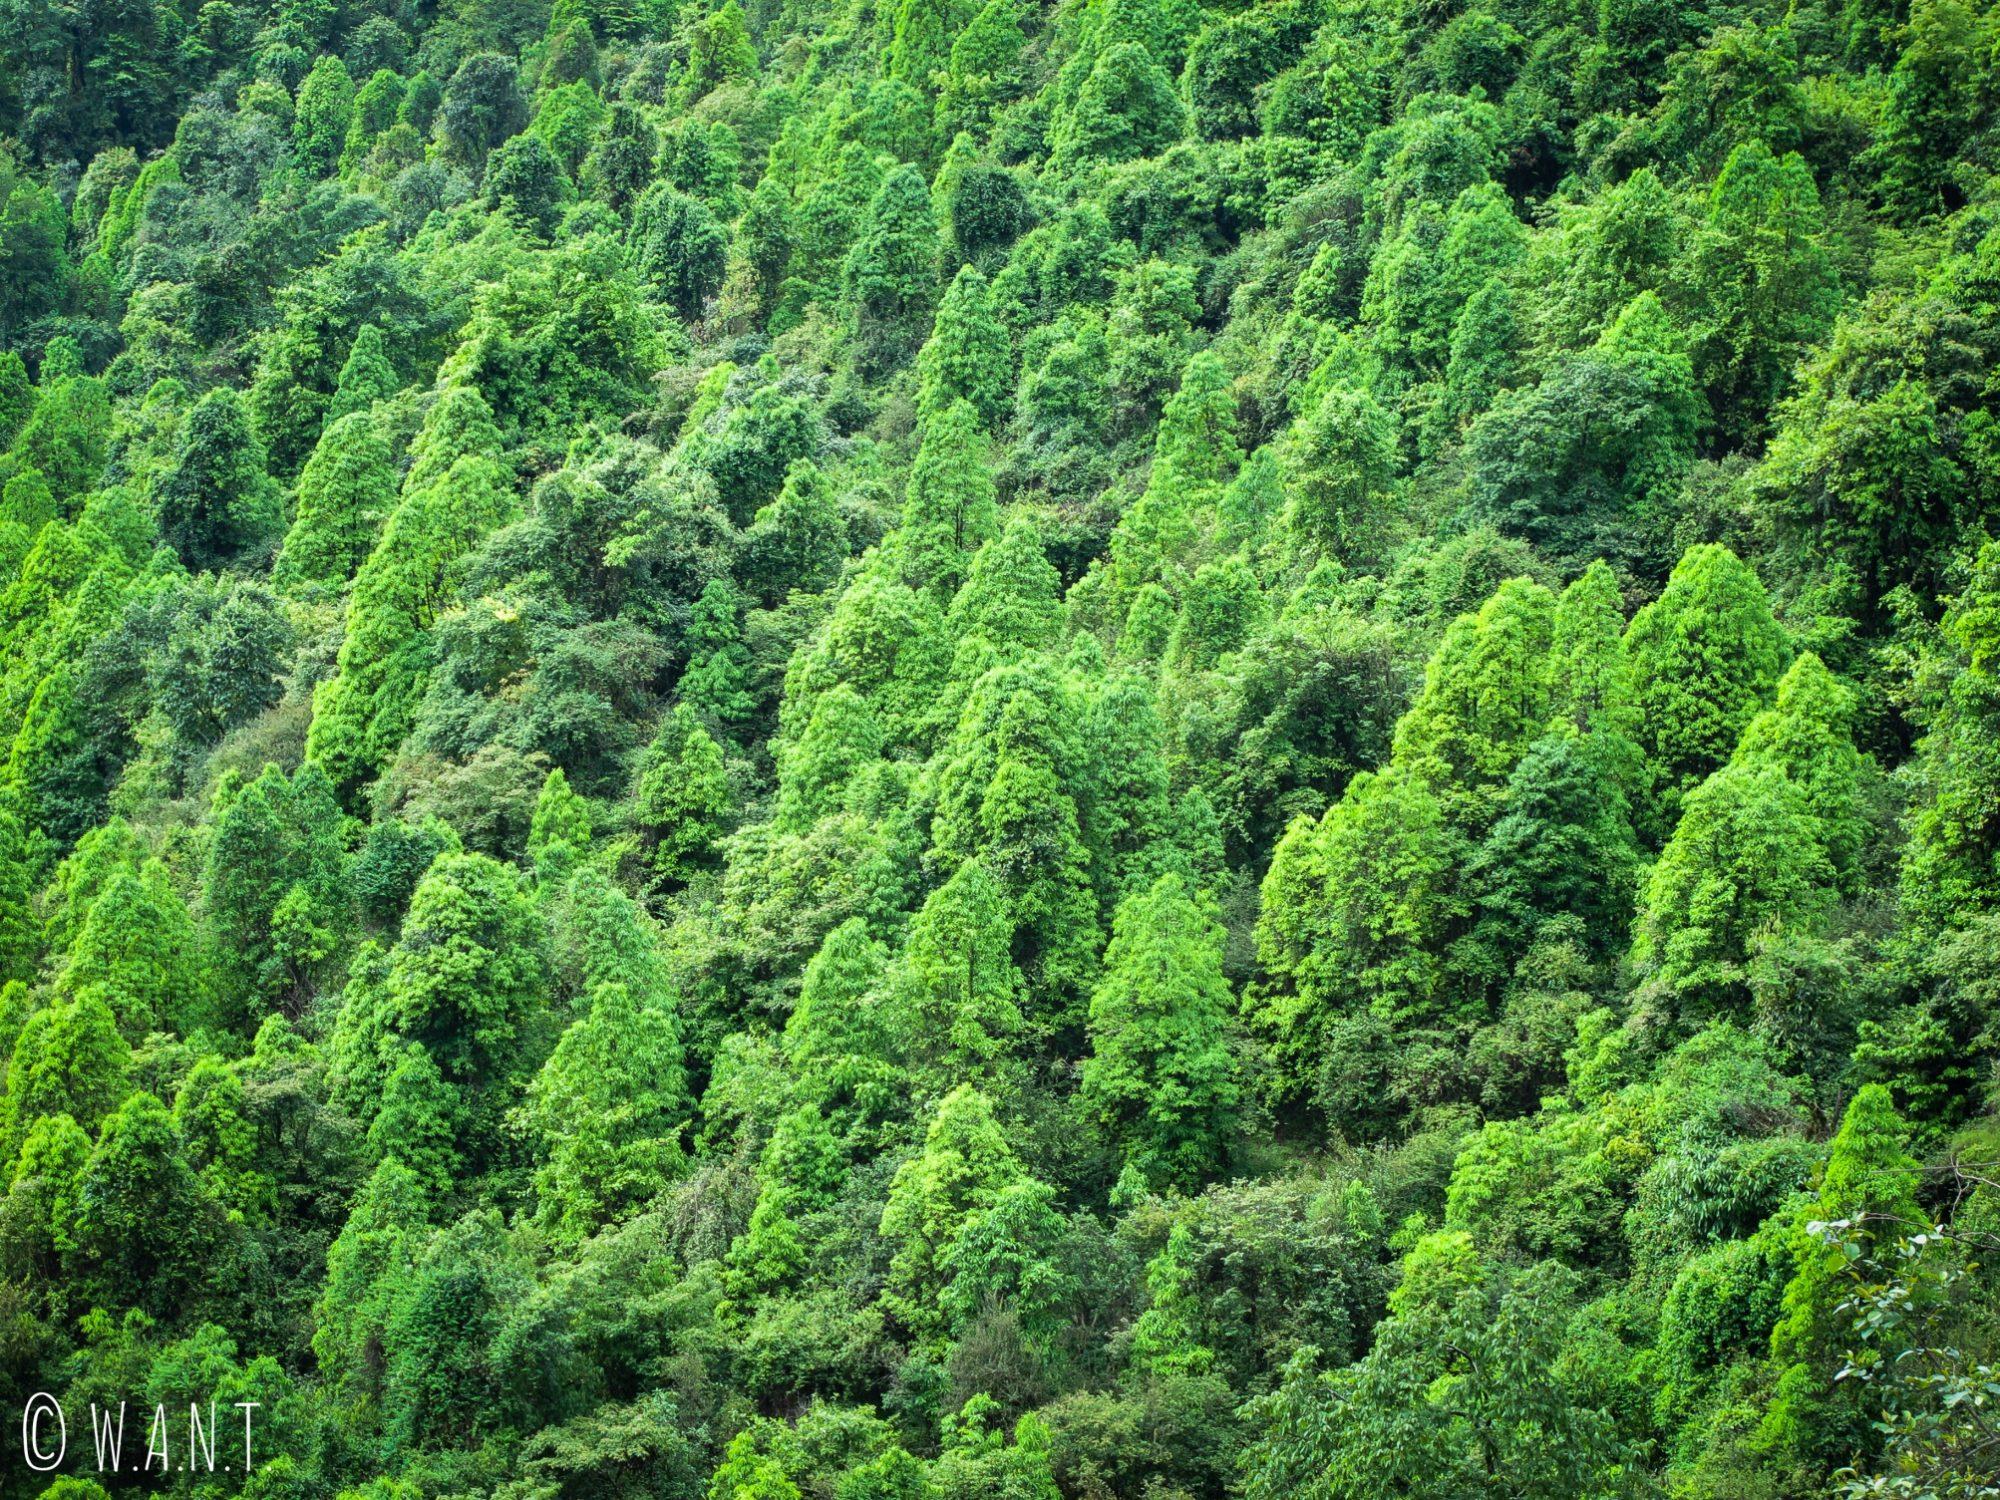 La jungle occupe une grande partie des montagnes dans le sanctuaire des Annapurnas